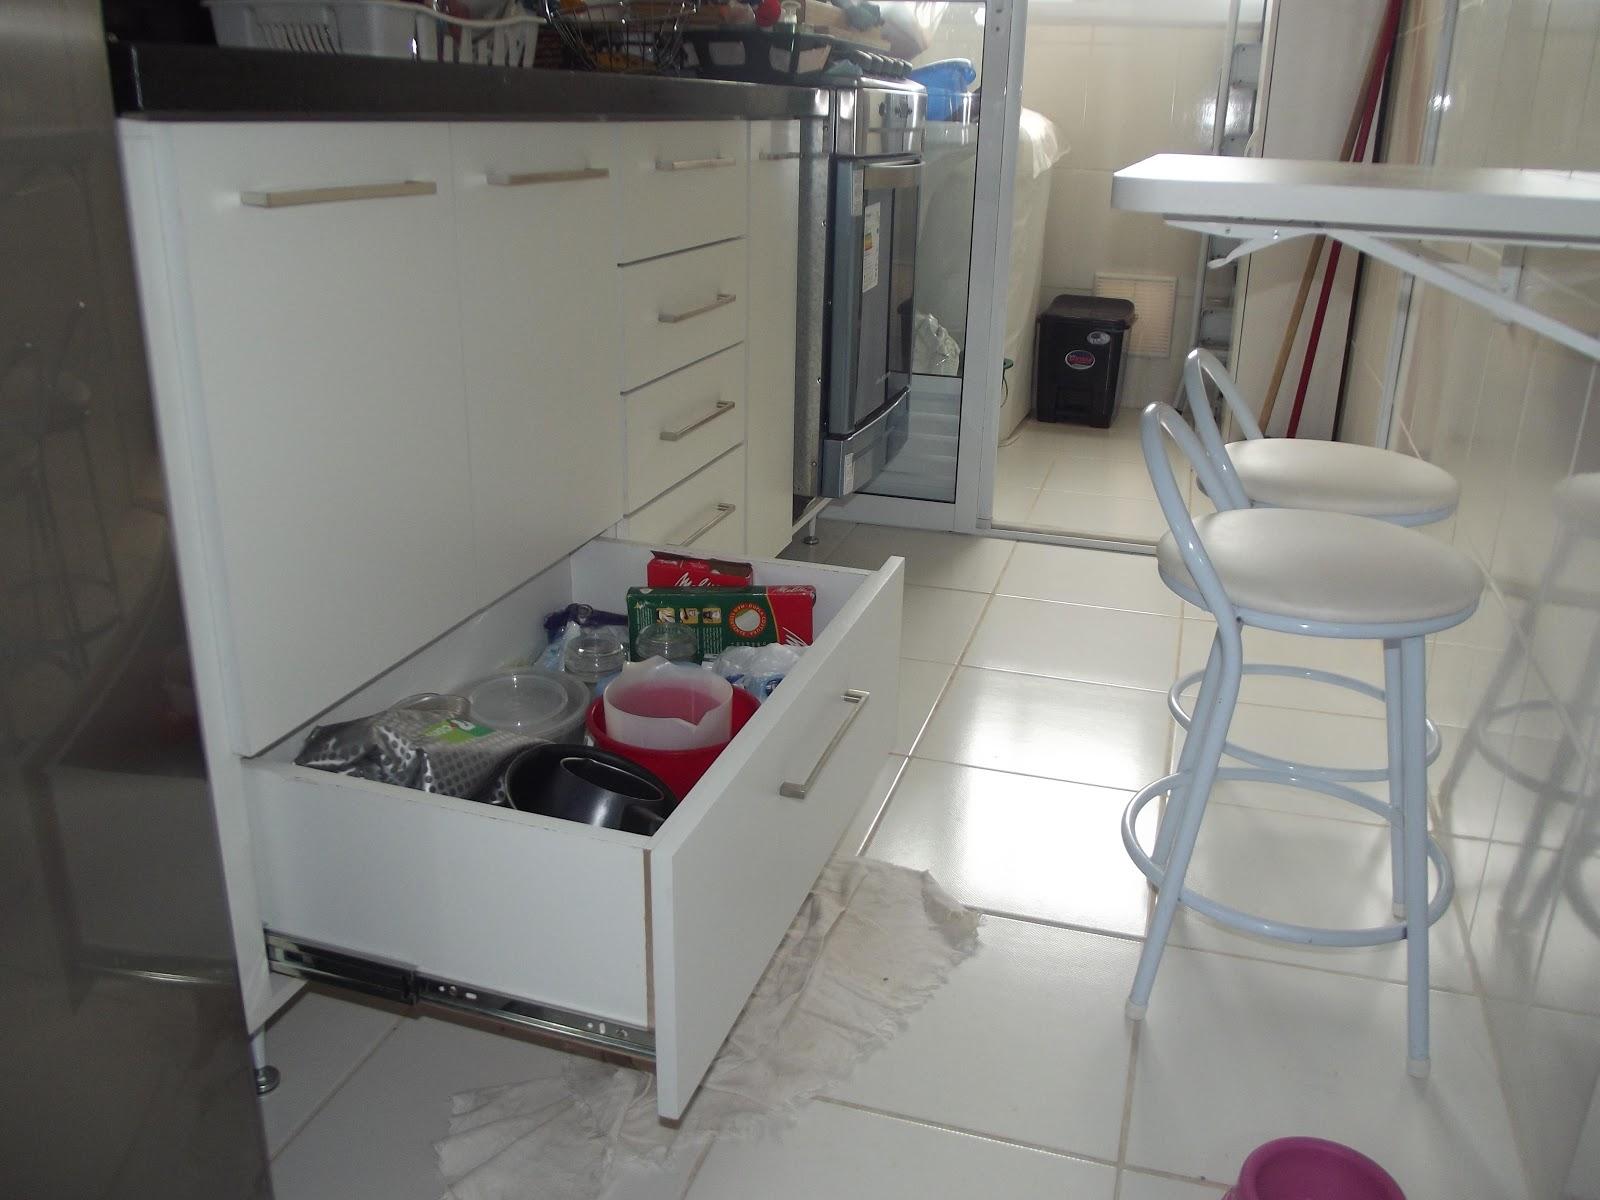 PROJETOS EM MADEIRA MACIÇA E MOVEIS SOB MEDIDA: Cozinha Banheiro e  #63313C 1600 1200